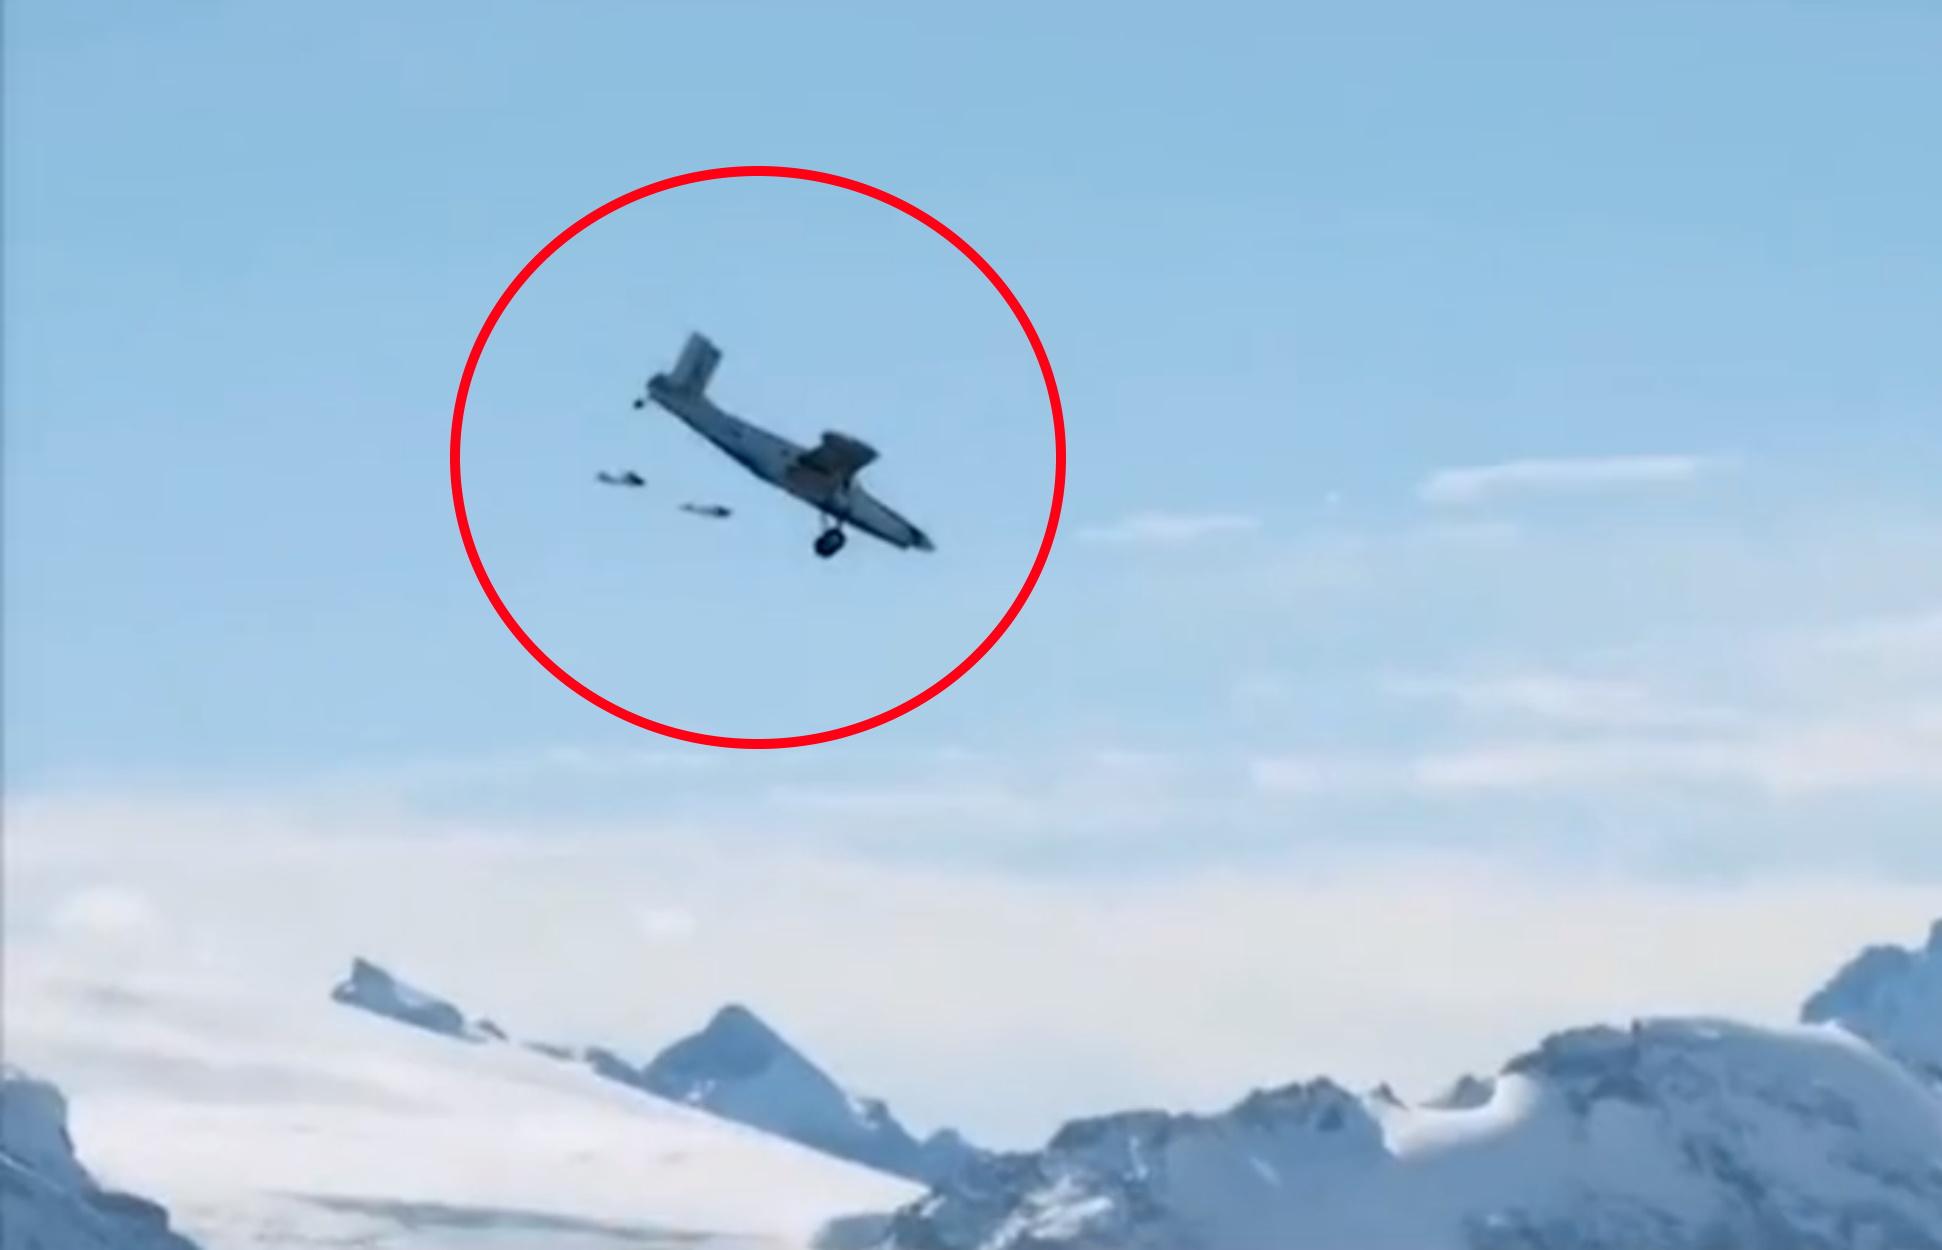 Συγκλονιστικό βίντεο: Πήδηξαν μέσα σε αεροπλάνο ενώ αυτό πετούσε πάνω από τις Άλπεις